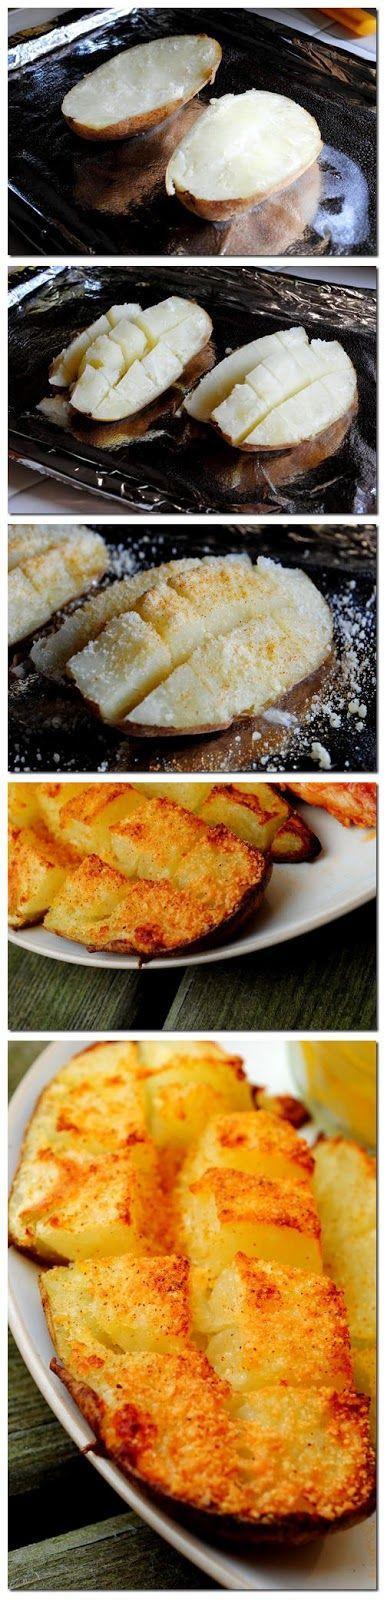 תפוח אדמה אפוי בתנור חתוך עם סכין אופינל סנטוקו 119